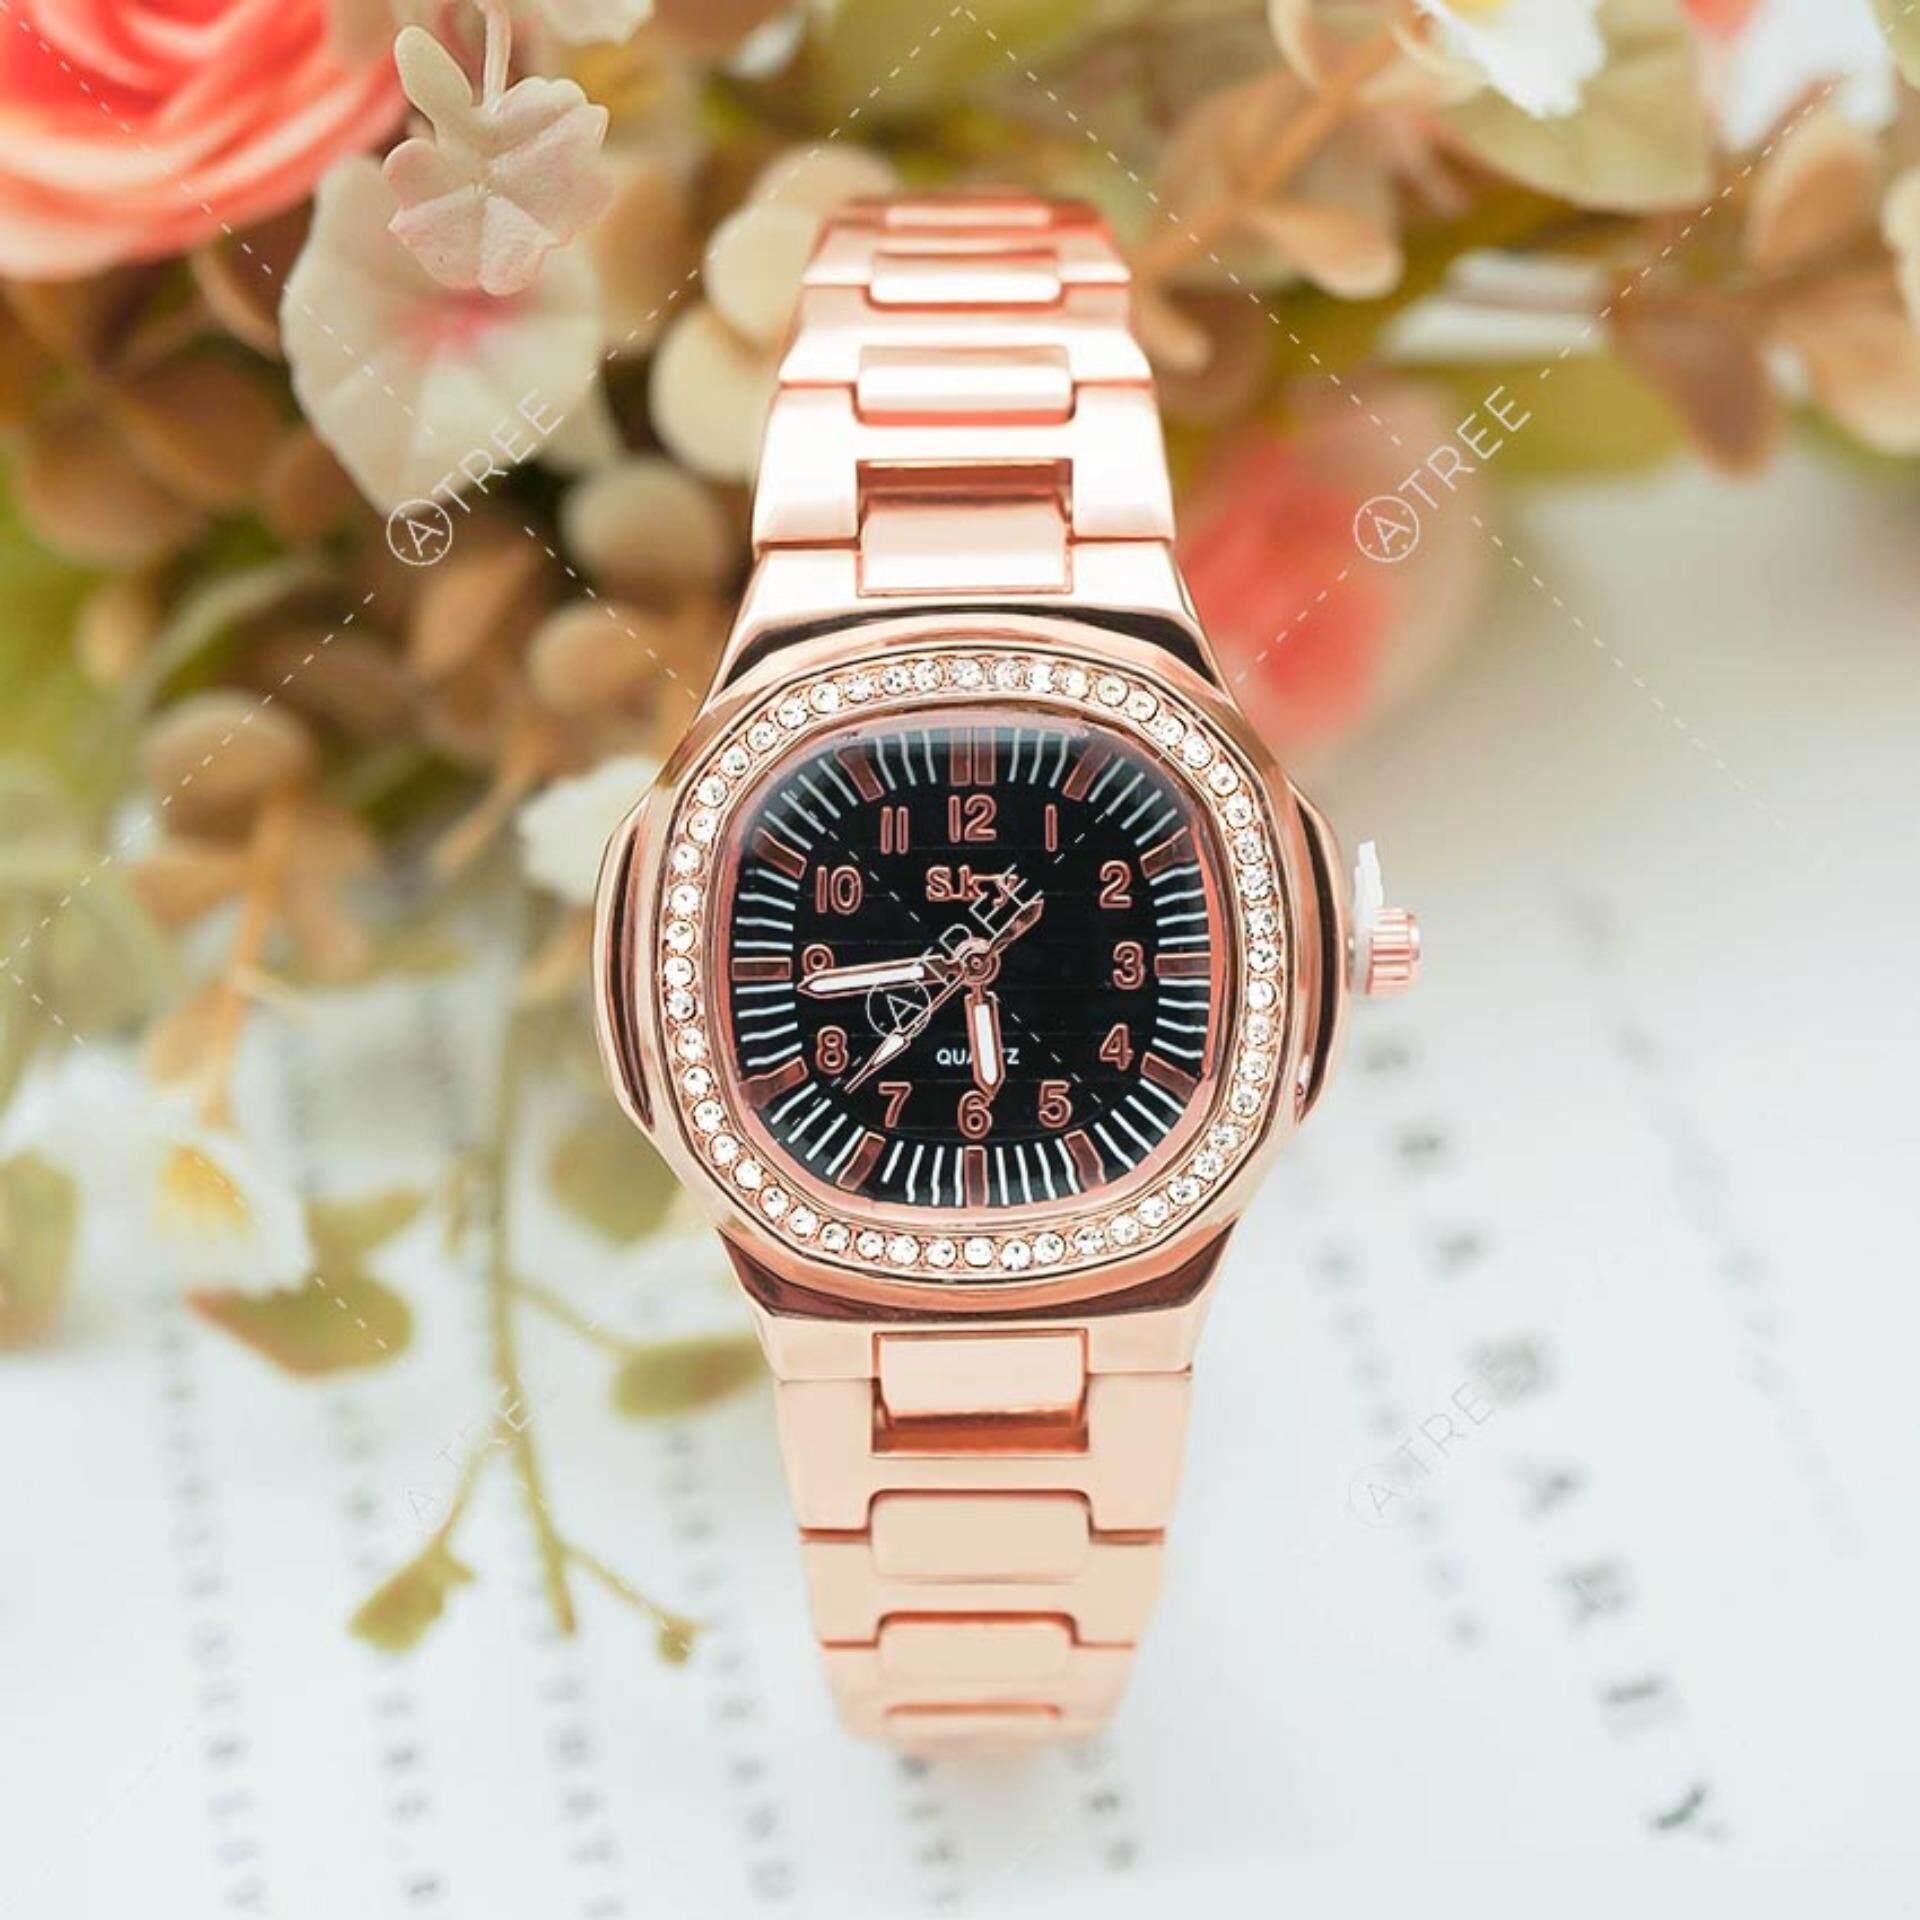 ขาย ซื้อ ออนไลน์ Sky นาฬิกาข้อมือ สายแสตนเลส หน้าปัดฝังเพชร สุดหรู ดูเวลาง่าย รุ่น Zd 0110 สีเงิน Silver